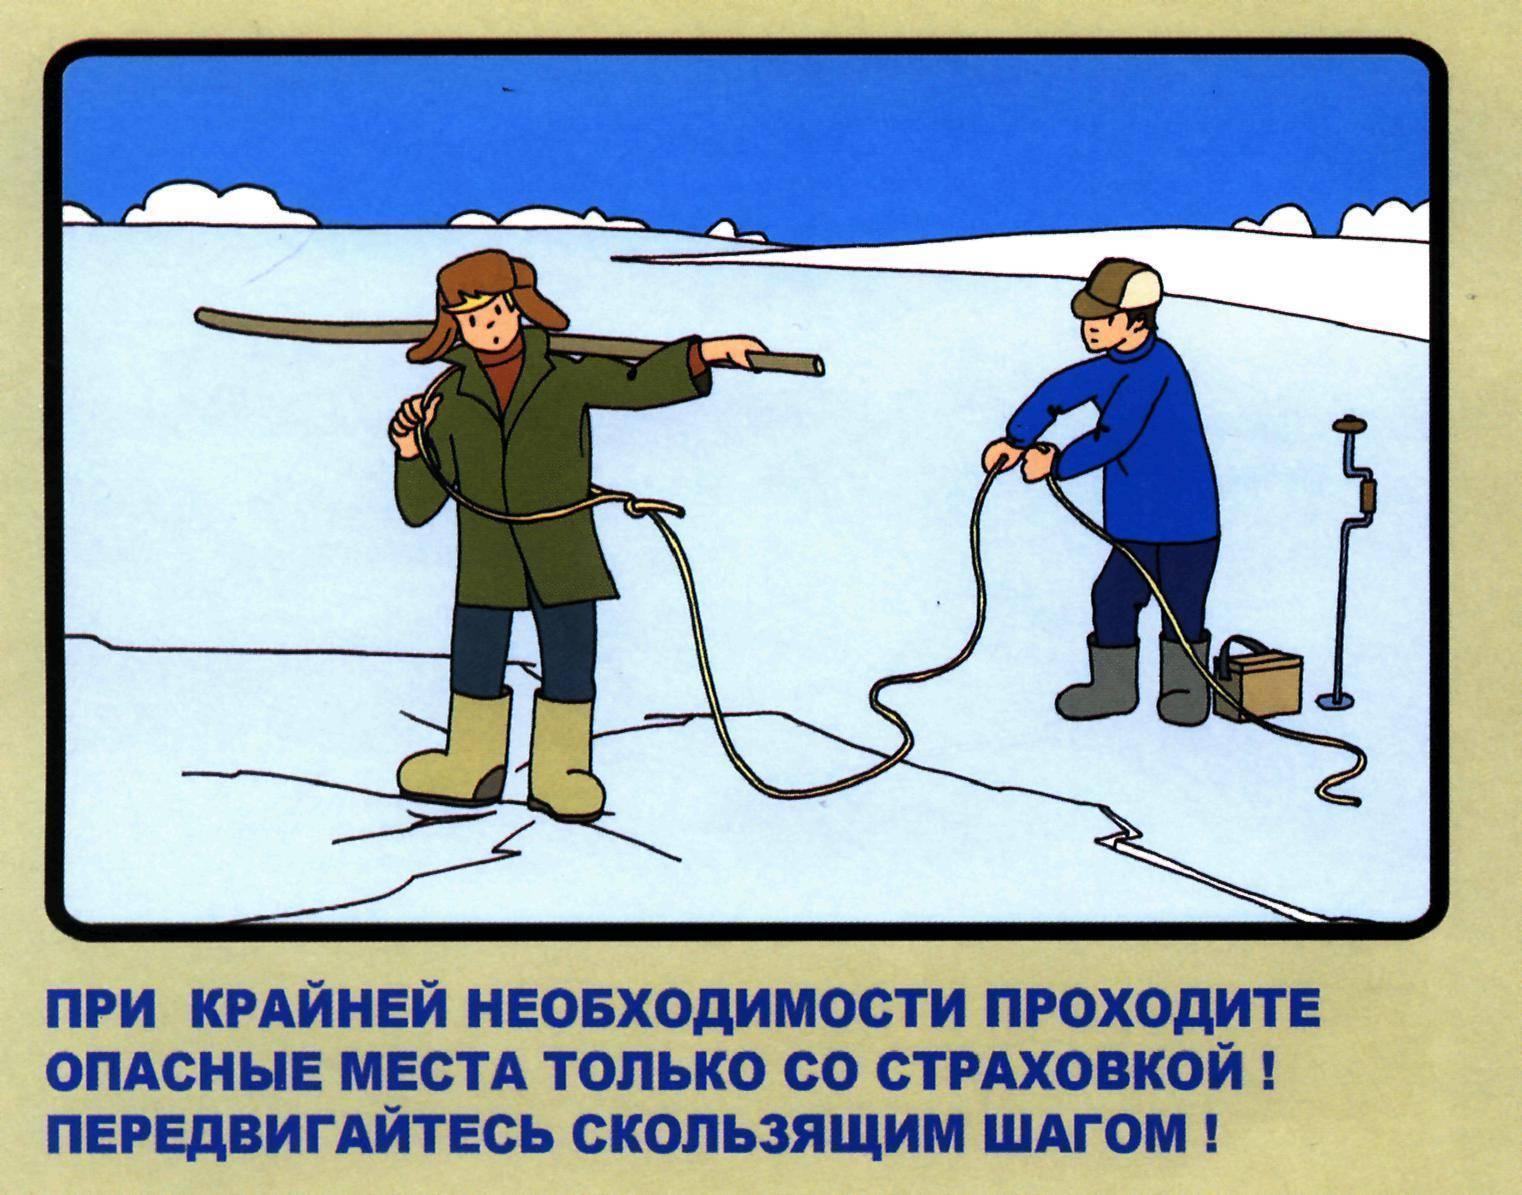 Правила поведения на льду во время зимней рыбалки